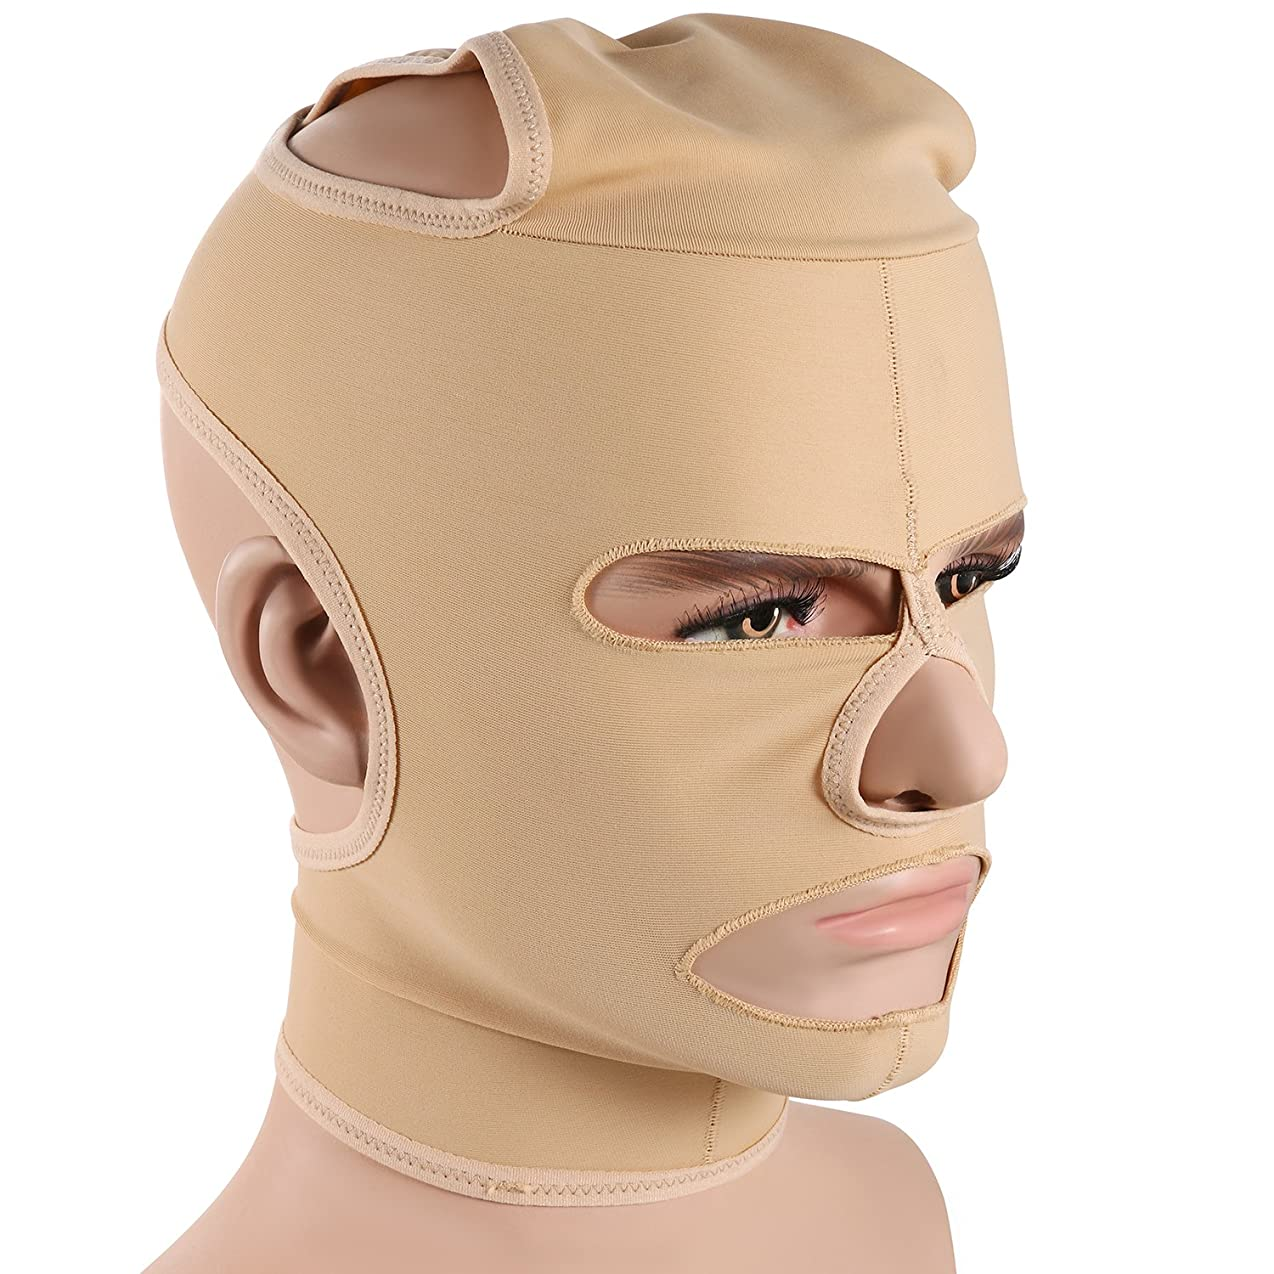 君主家事をするハブJewelryWe 小顔補正マスク 小顔ベルト 法令線予防 シワ防止 美顔 額、顎下、頬リフトアップ 男女兼用 Lサイズ